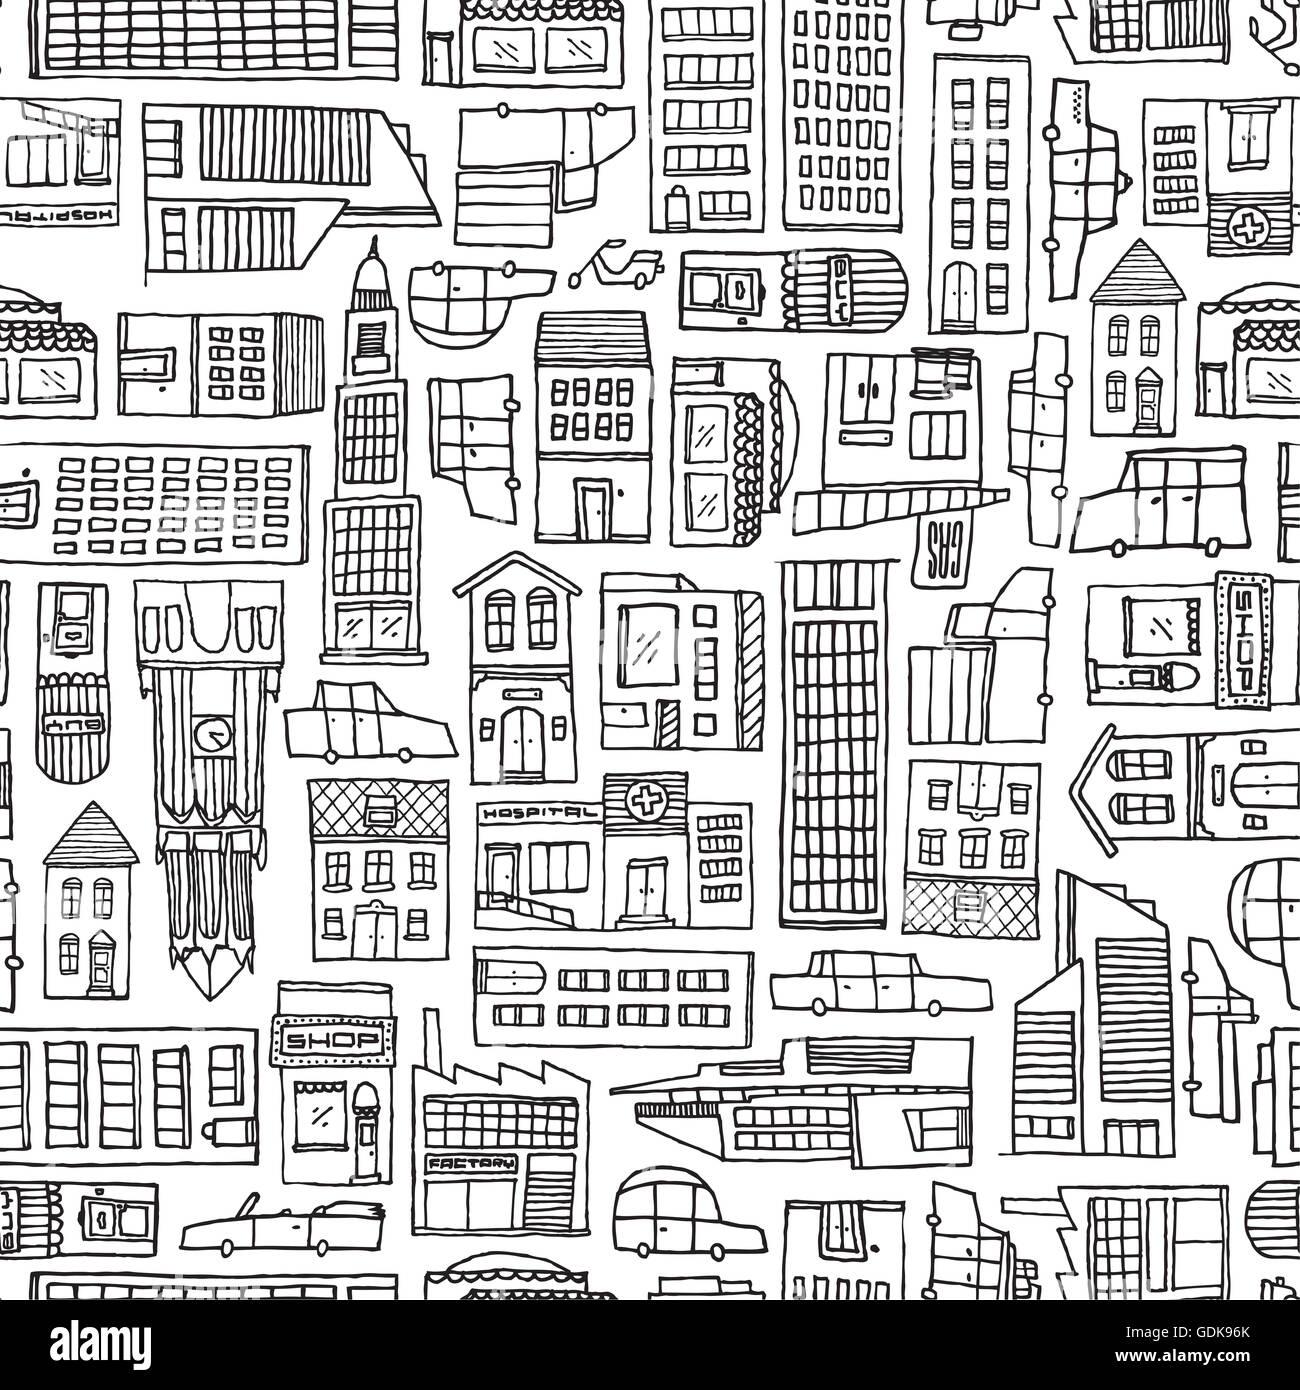 Ilustración de dibujos animados fondo de automóviles y edificios ...